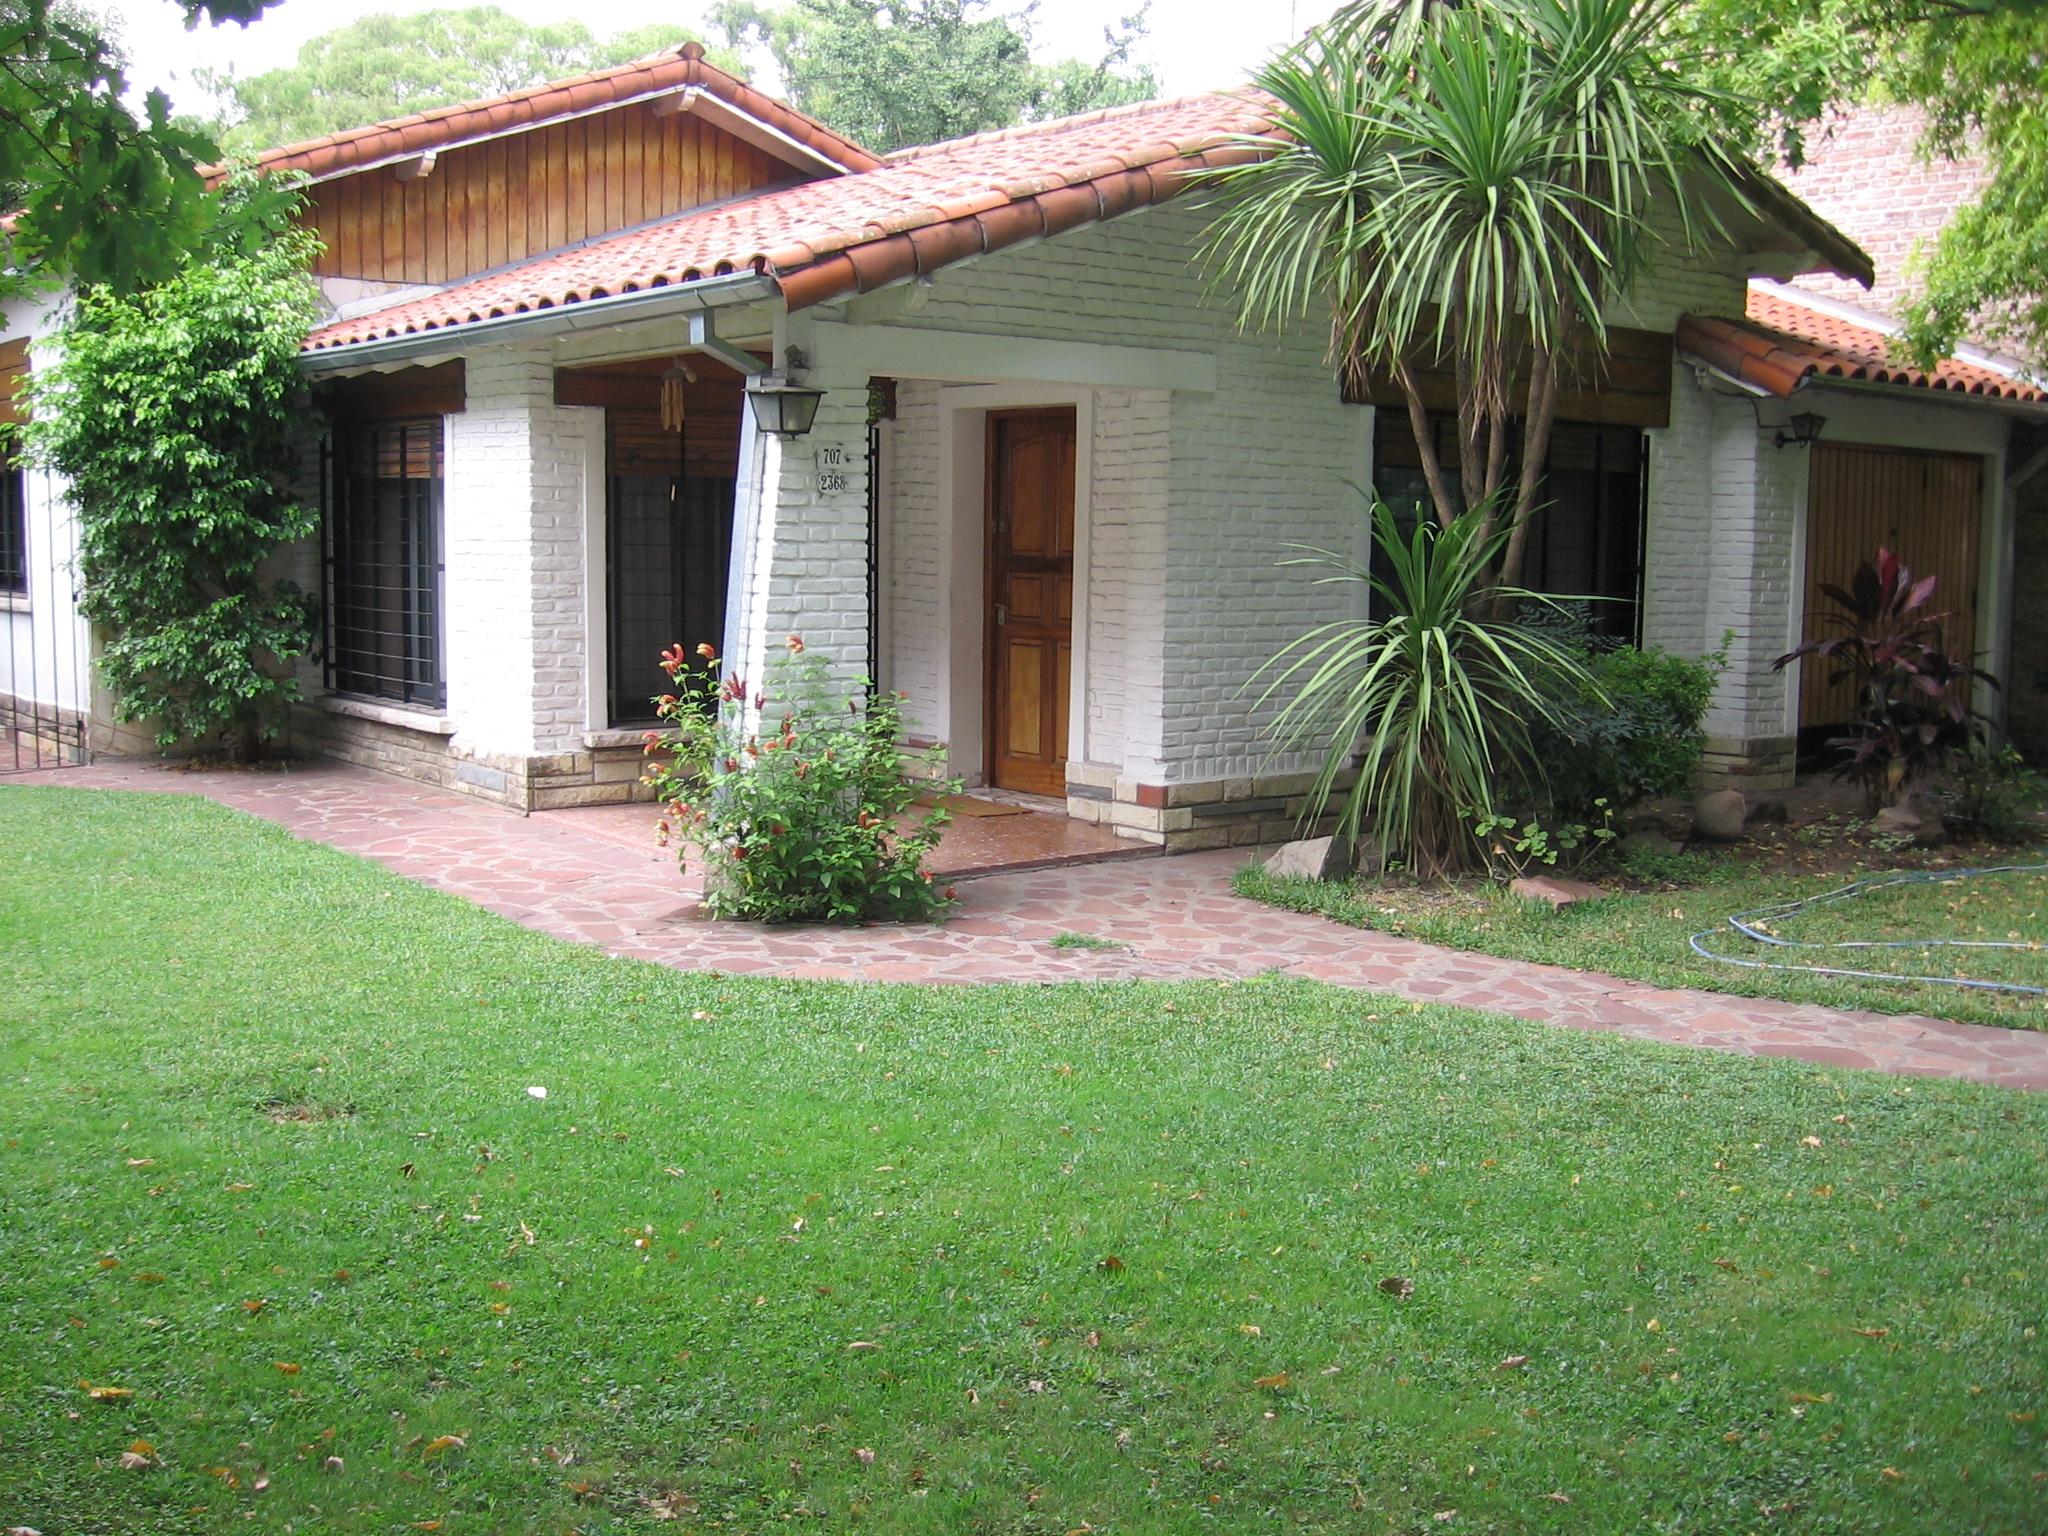 Casas En Venta En Ciudad Jardin Lomas Del Palomar Of Pensamientos Chalet En Venta En Ciudad Jardin Lomas Del